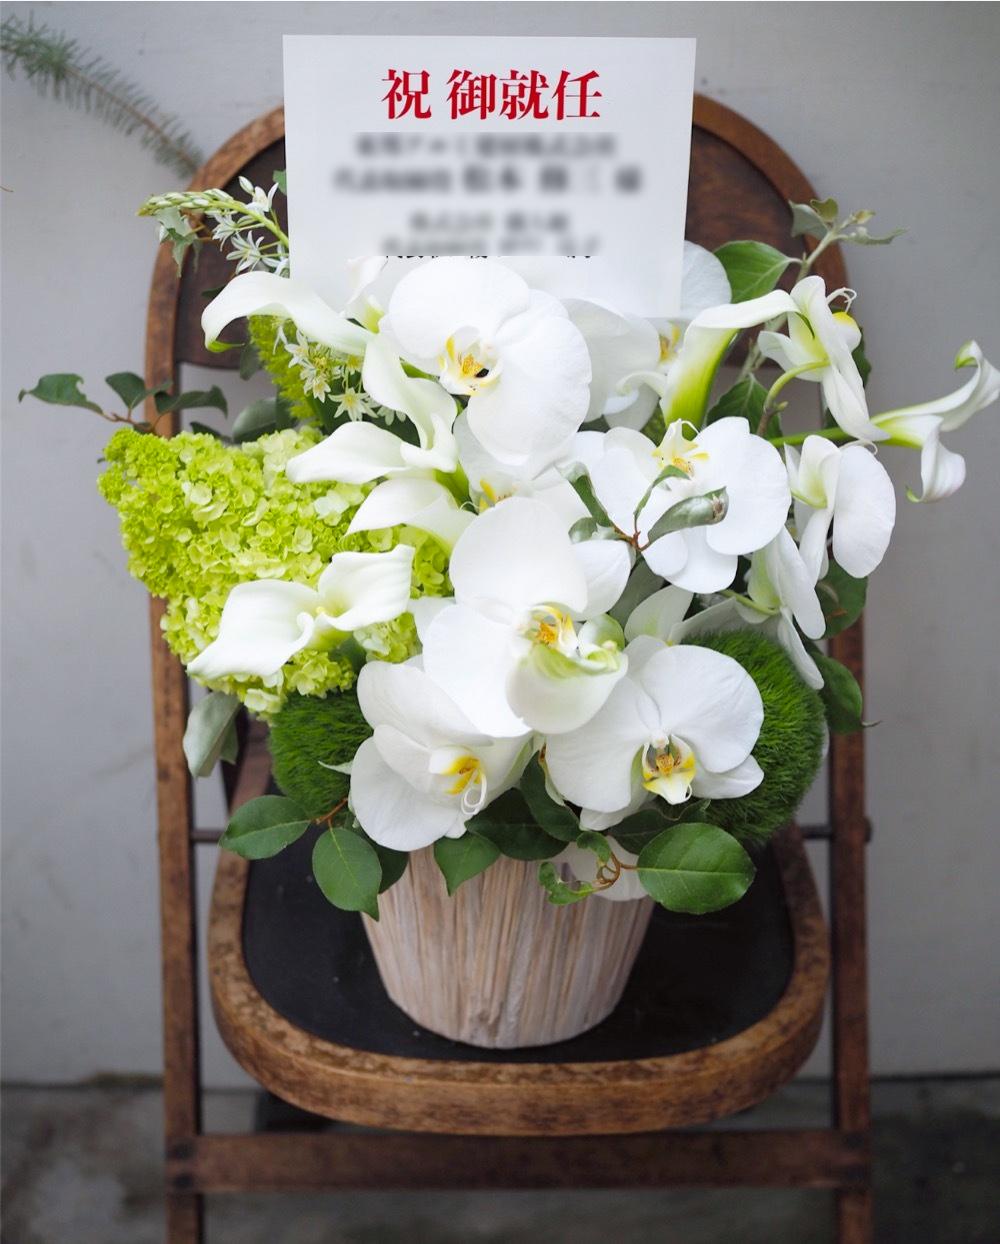 上品な胡蝶蘭に季節のアジサイを添えて 建材会社さま社長就任祝い花